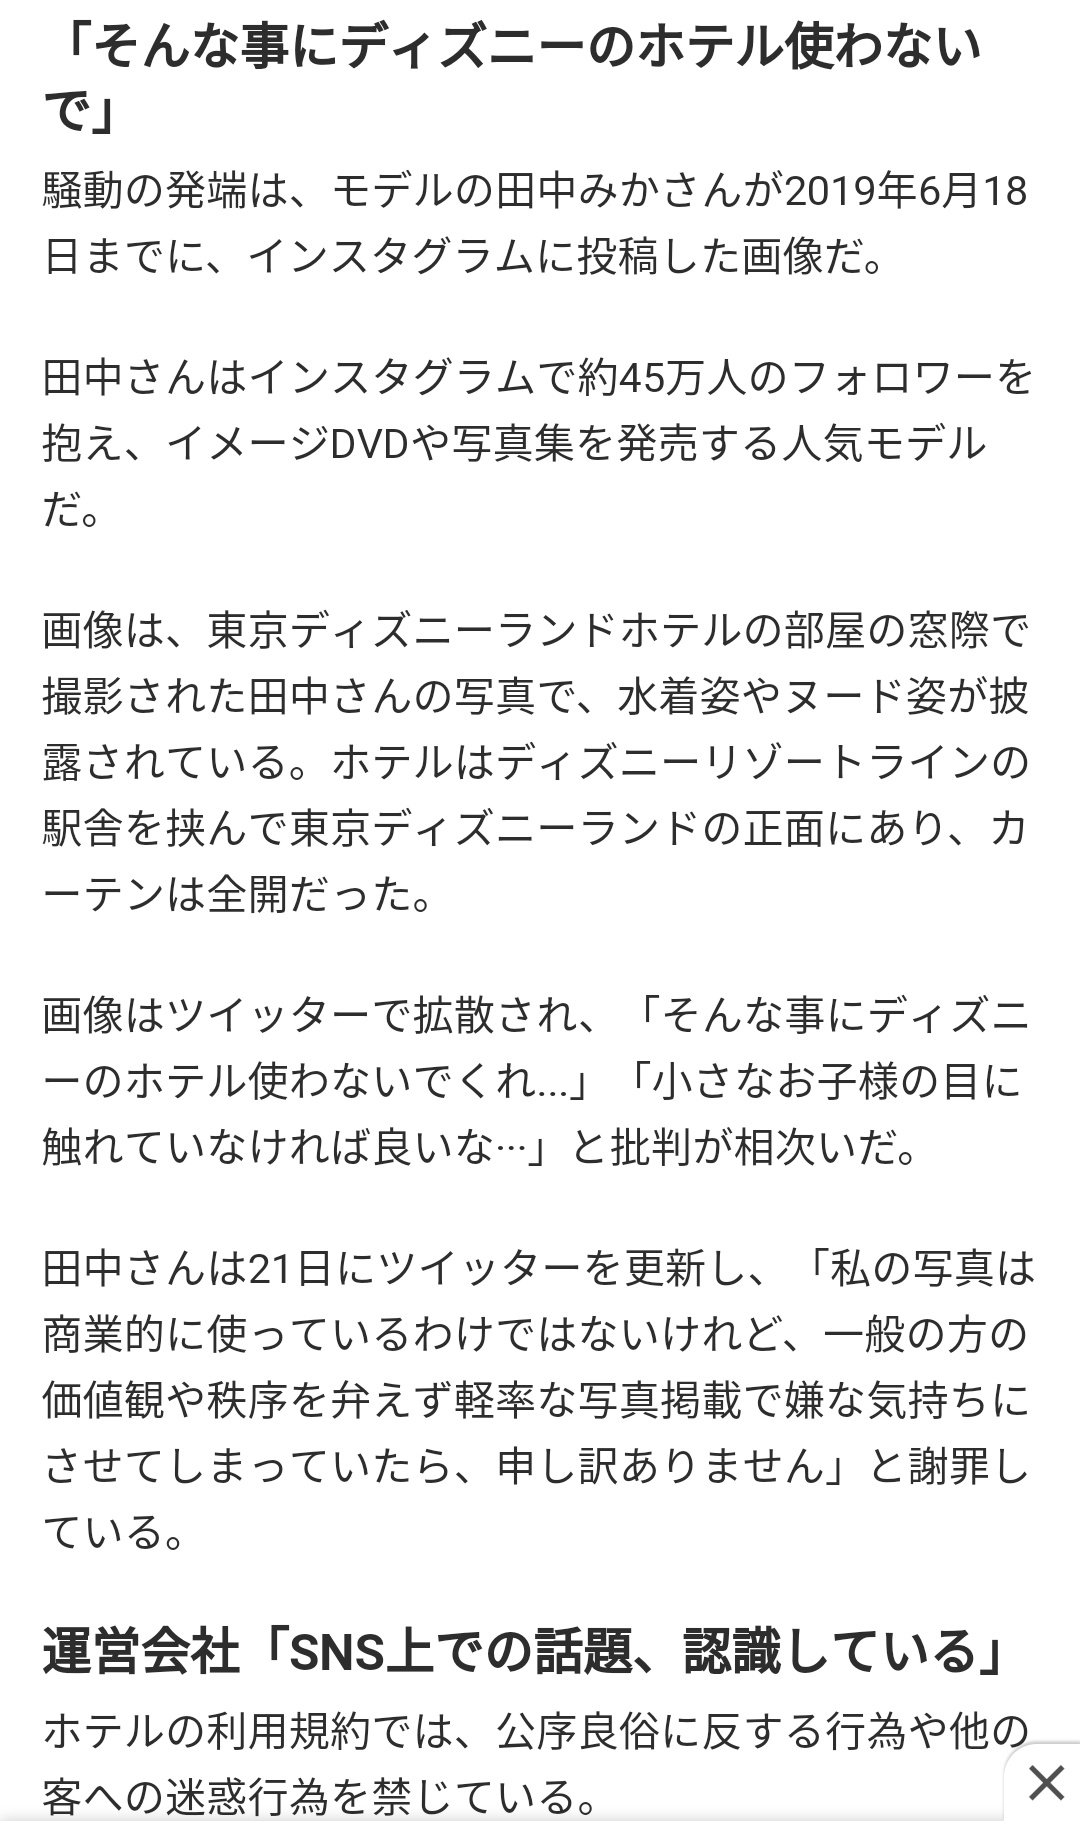 画像,#田中みか #ディズニー https://t.co/90Hvtzo2KS。